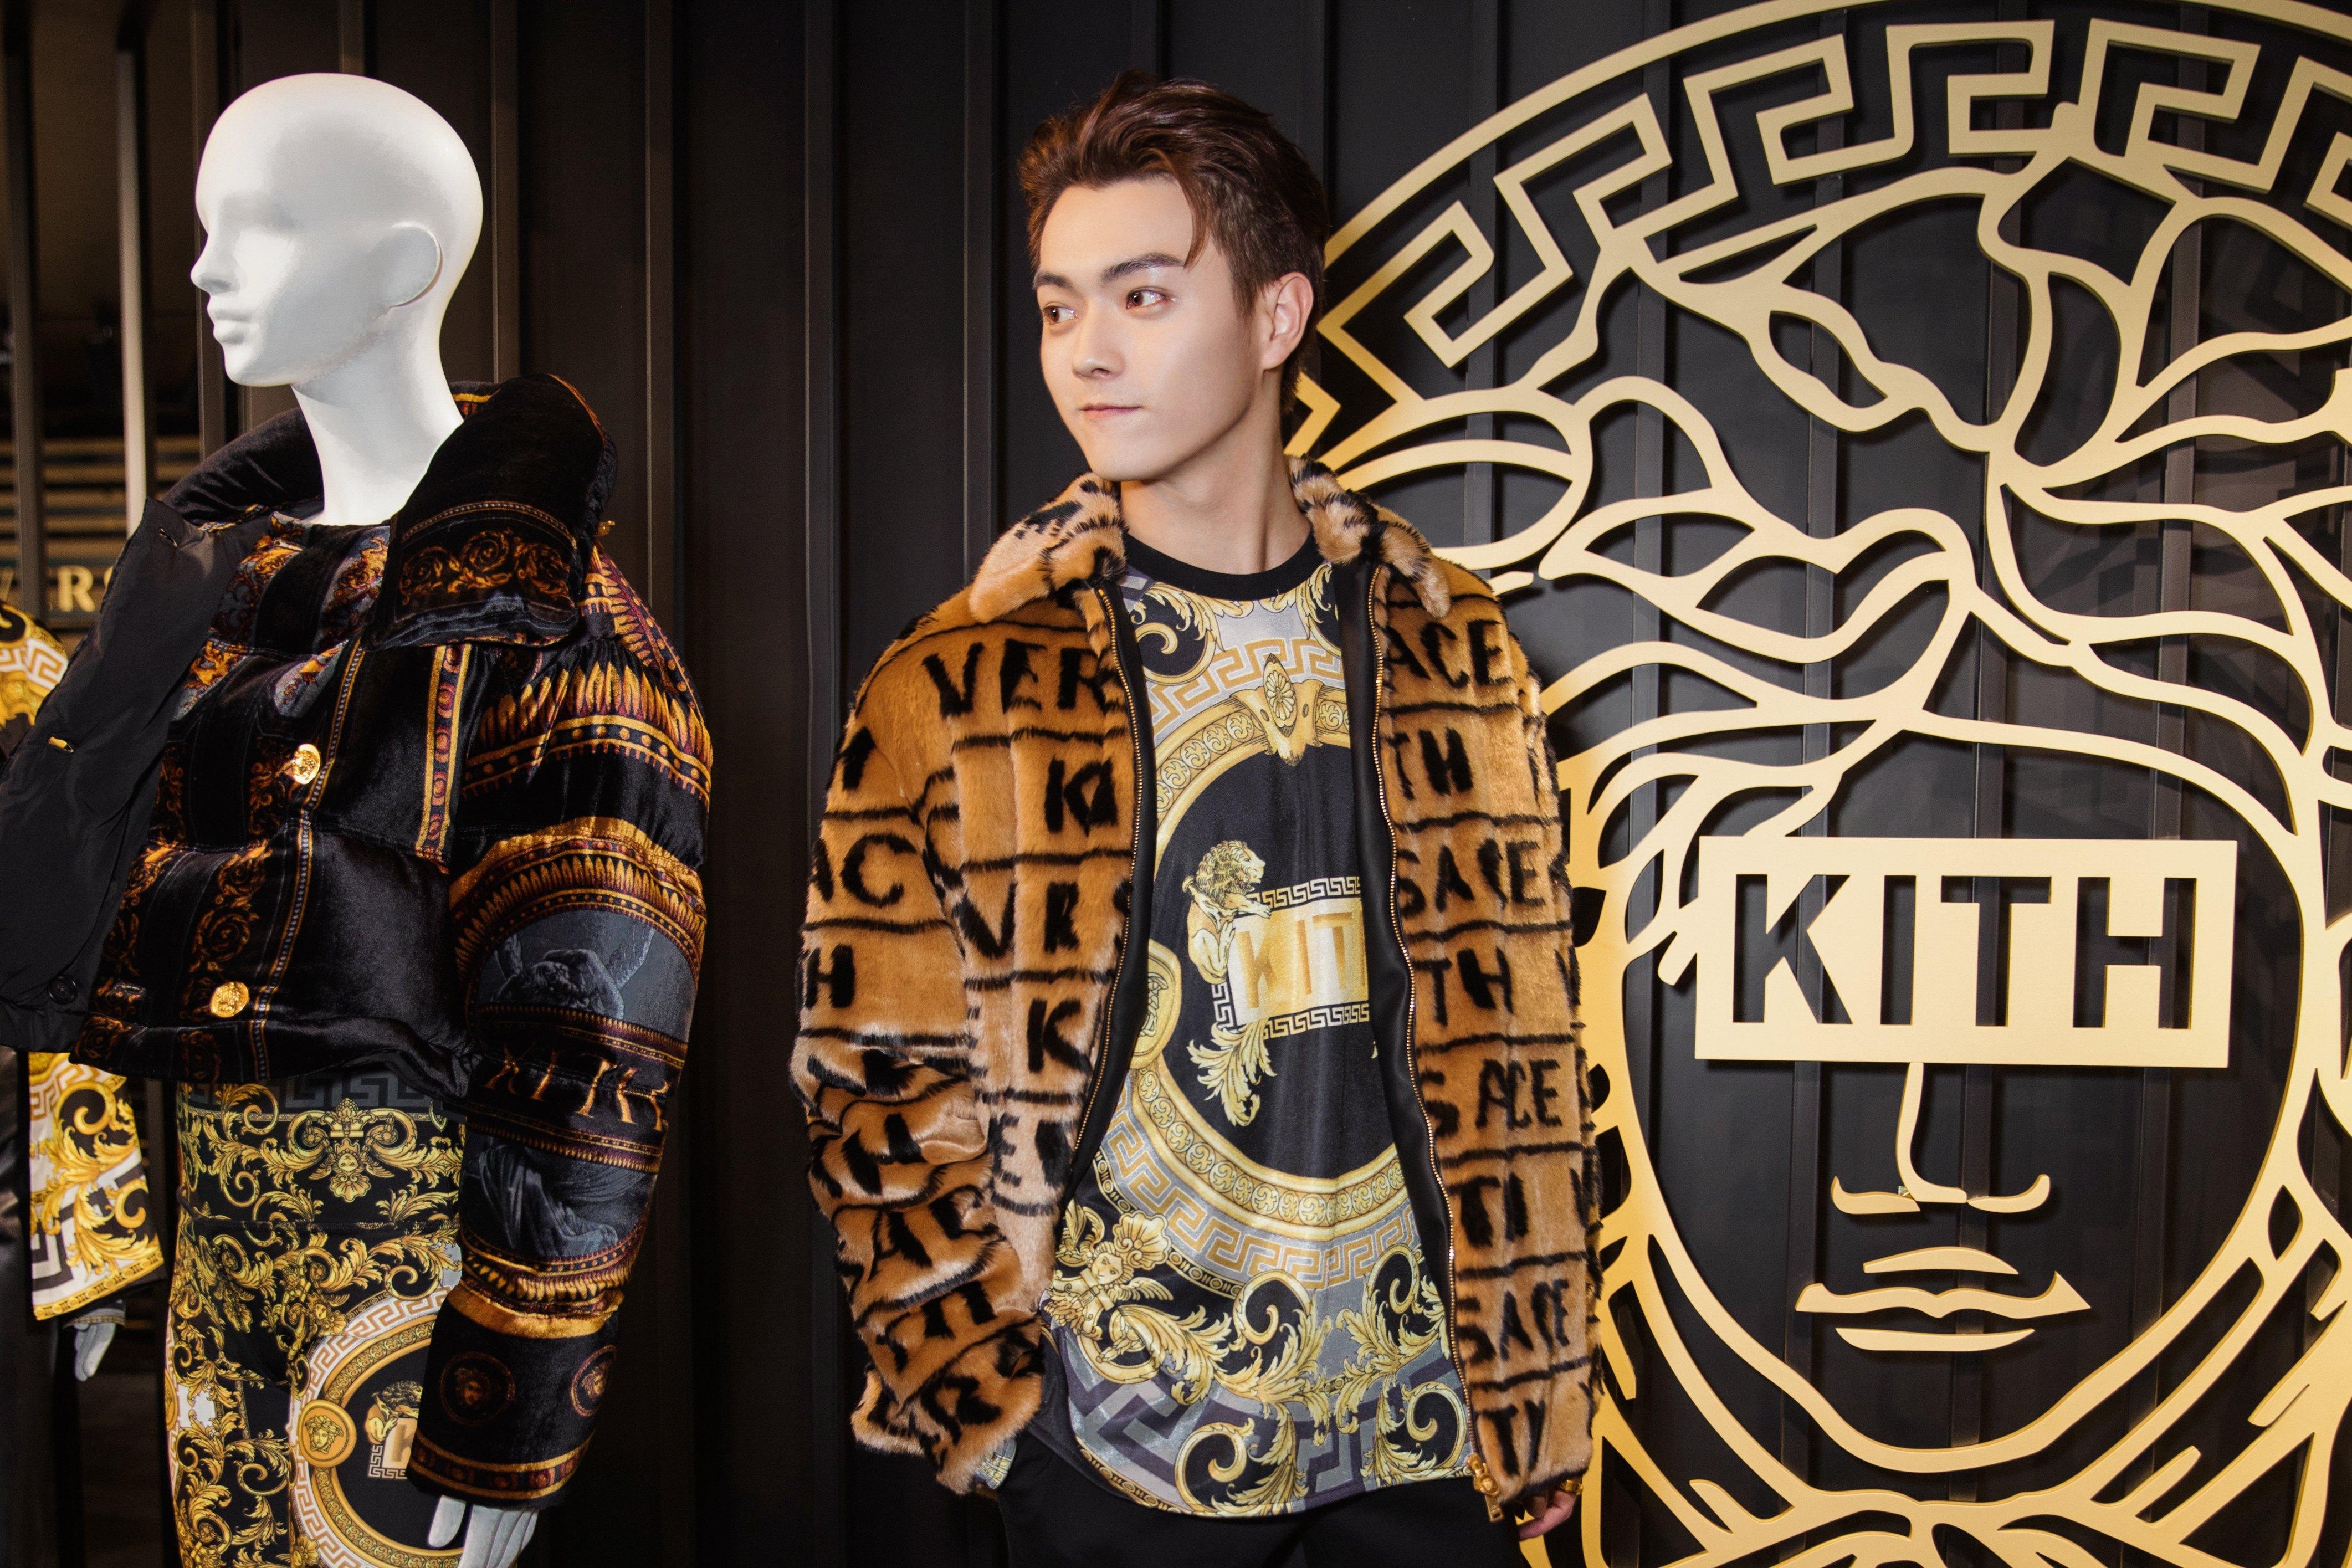 Kith与Versace携手推出首个联乘系列中国市场隆重上市